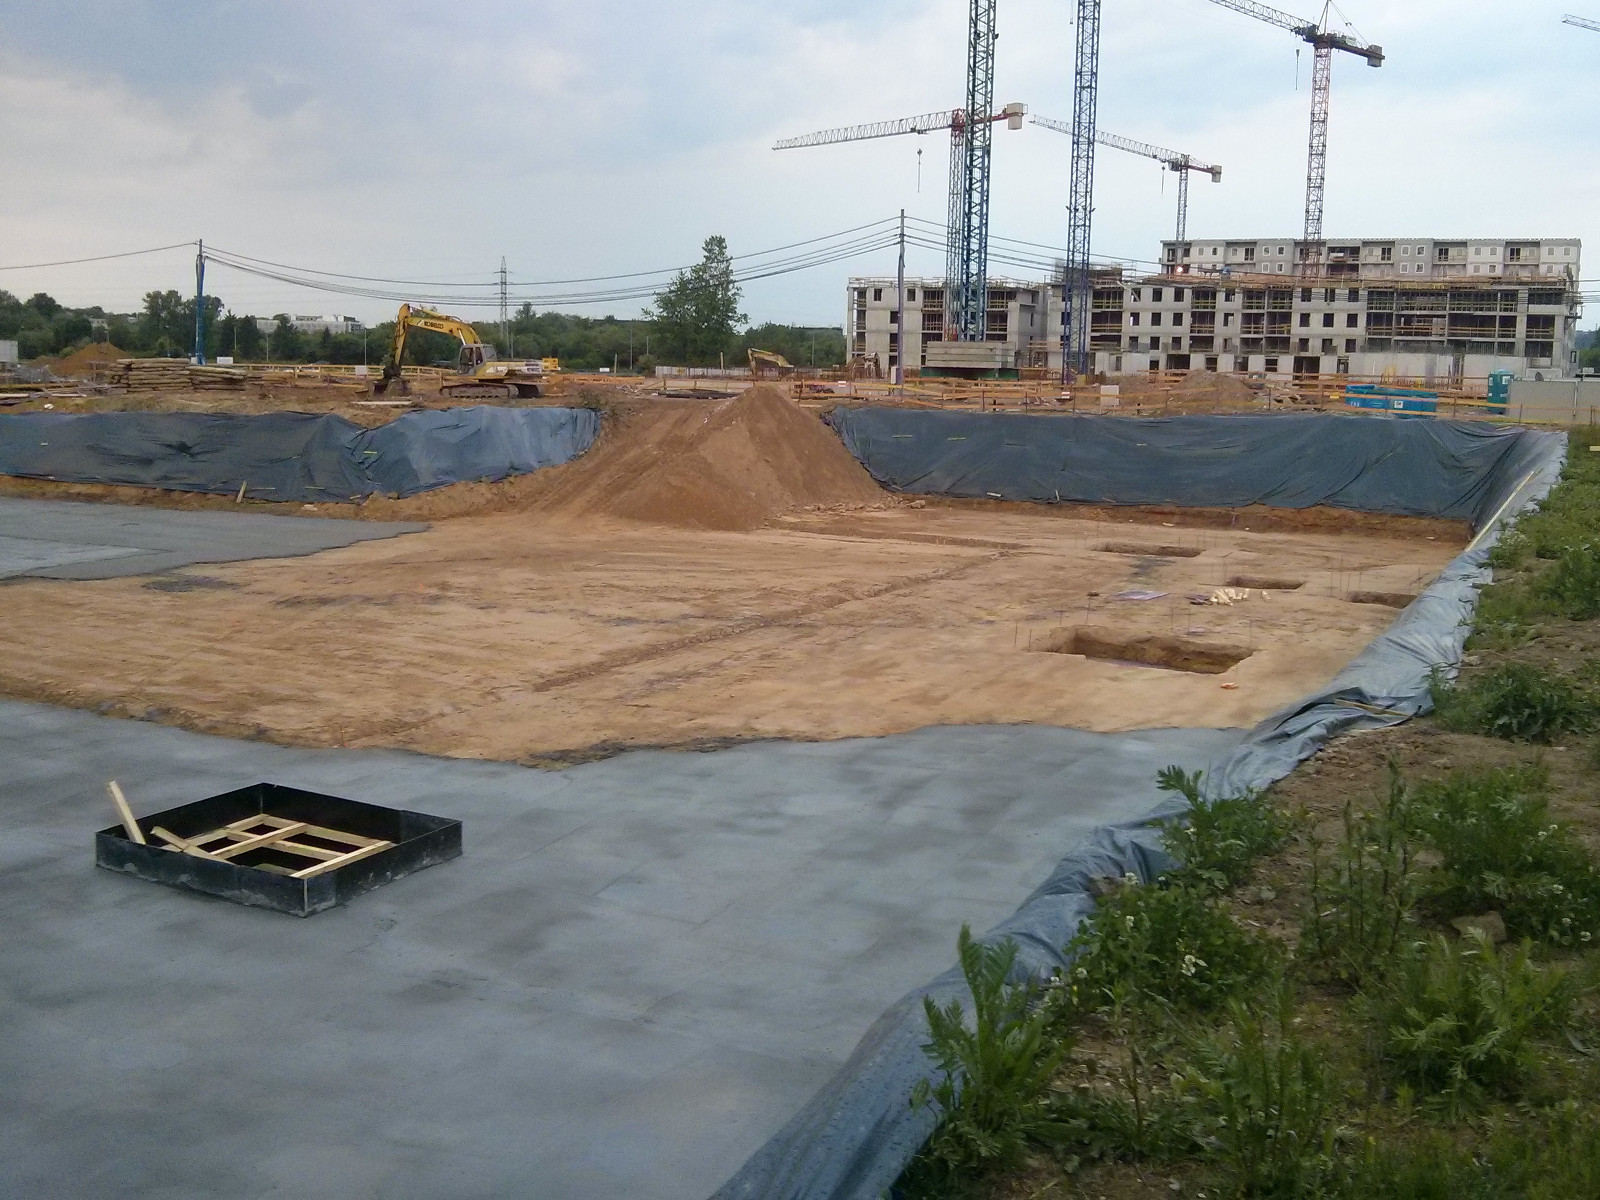 Osiedle Avia 3 w Czyżynach w Krakowie budowane przez Budimex